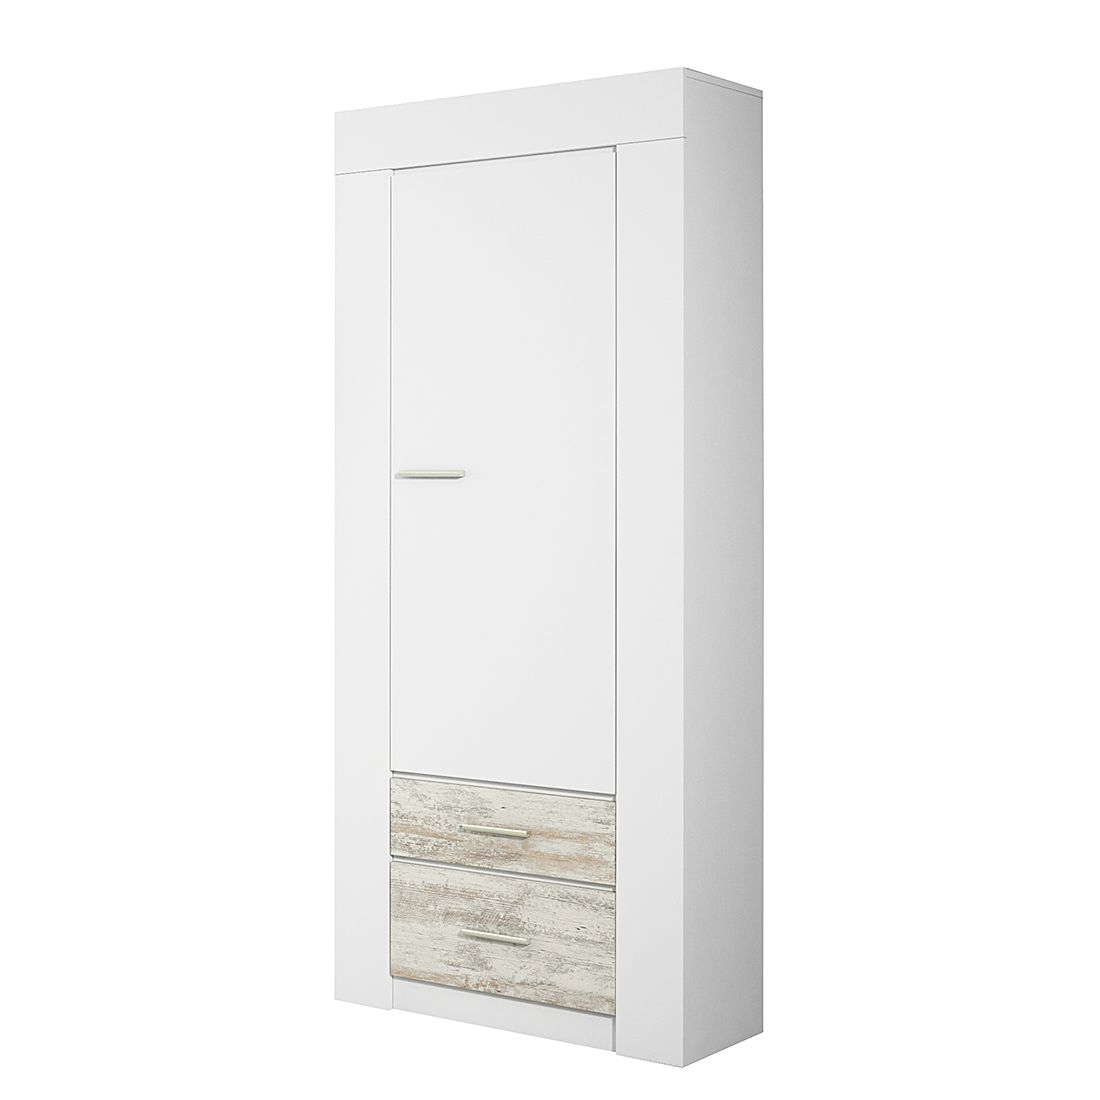 schrank cast ii wei white kiefer dekor modoform jetzt. Black Bedroom Furniture Sets. Home Design Ideas